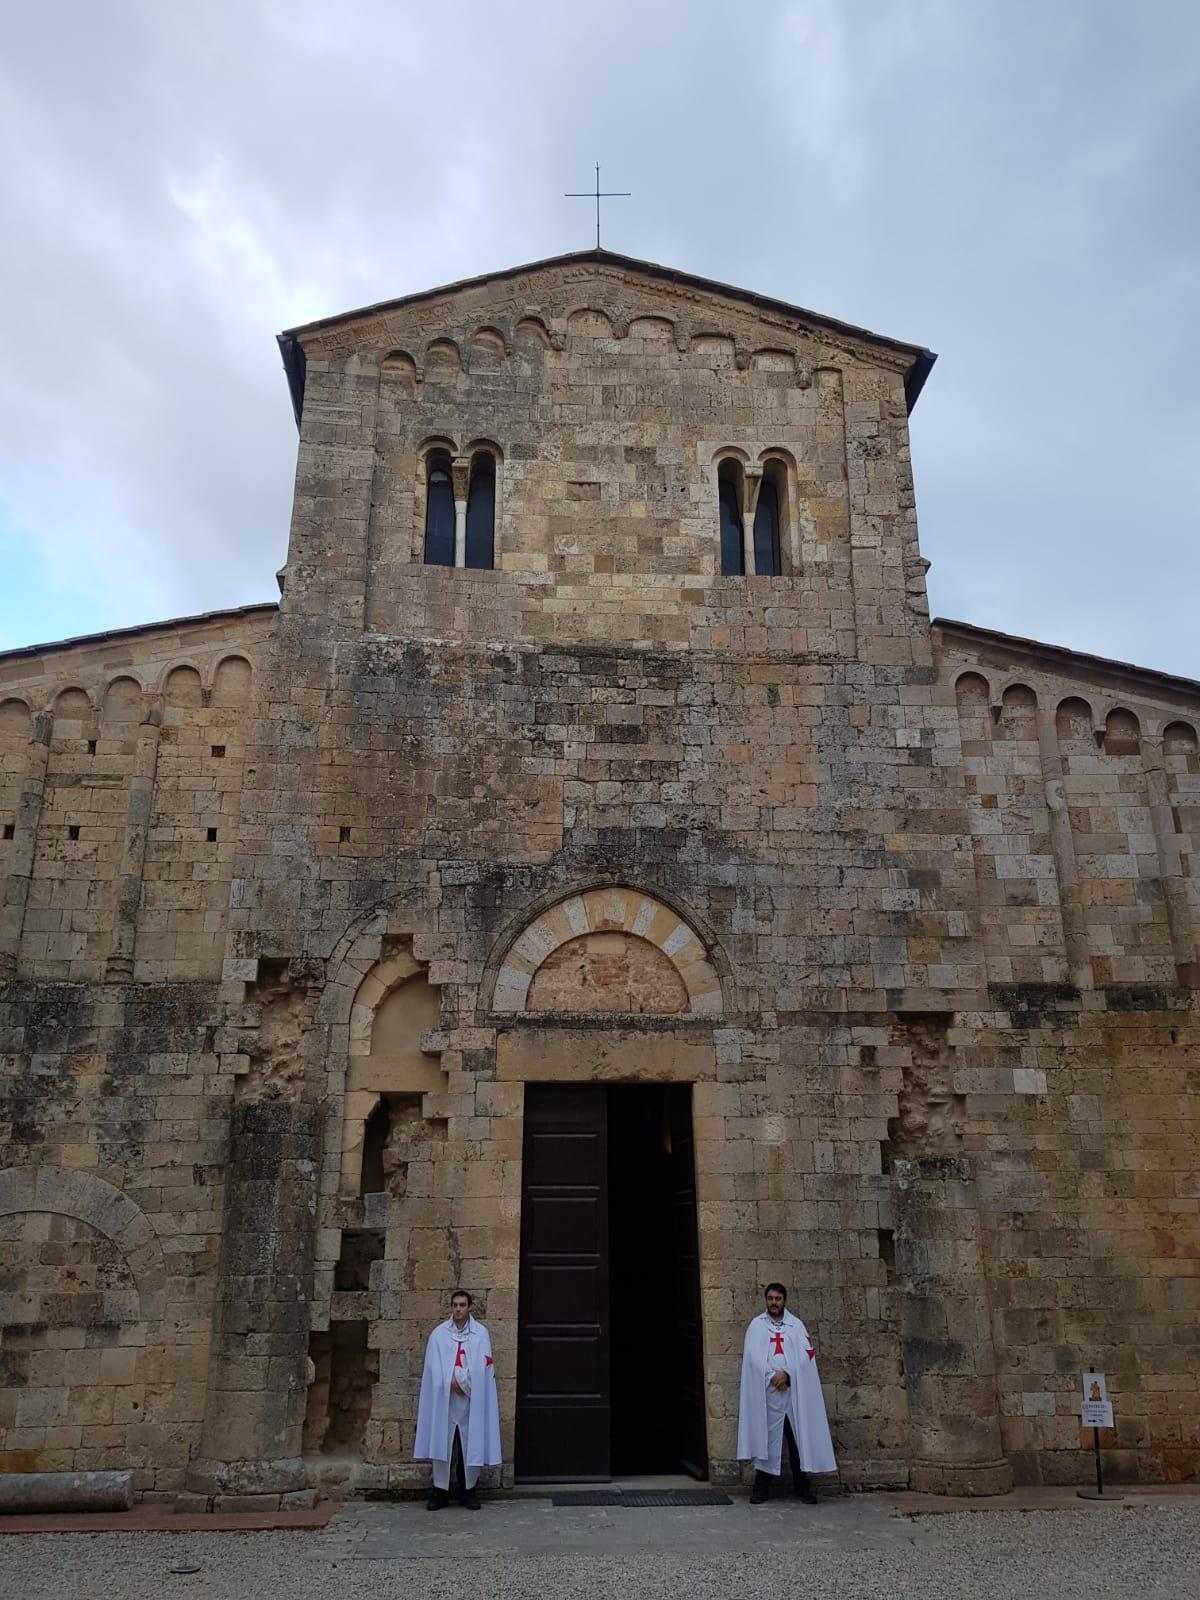 Custodia Abbazia dei Santi Salvatore e Cirino ad Abbadia Isola e della Chiesa di Santa Maria Assunta a Monteriggioni (SI) 19.09.2021